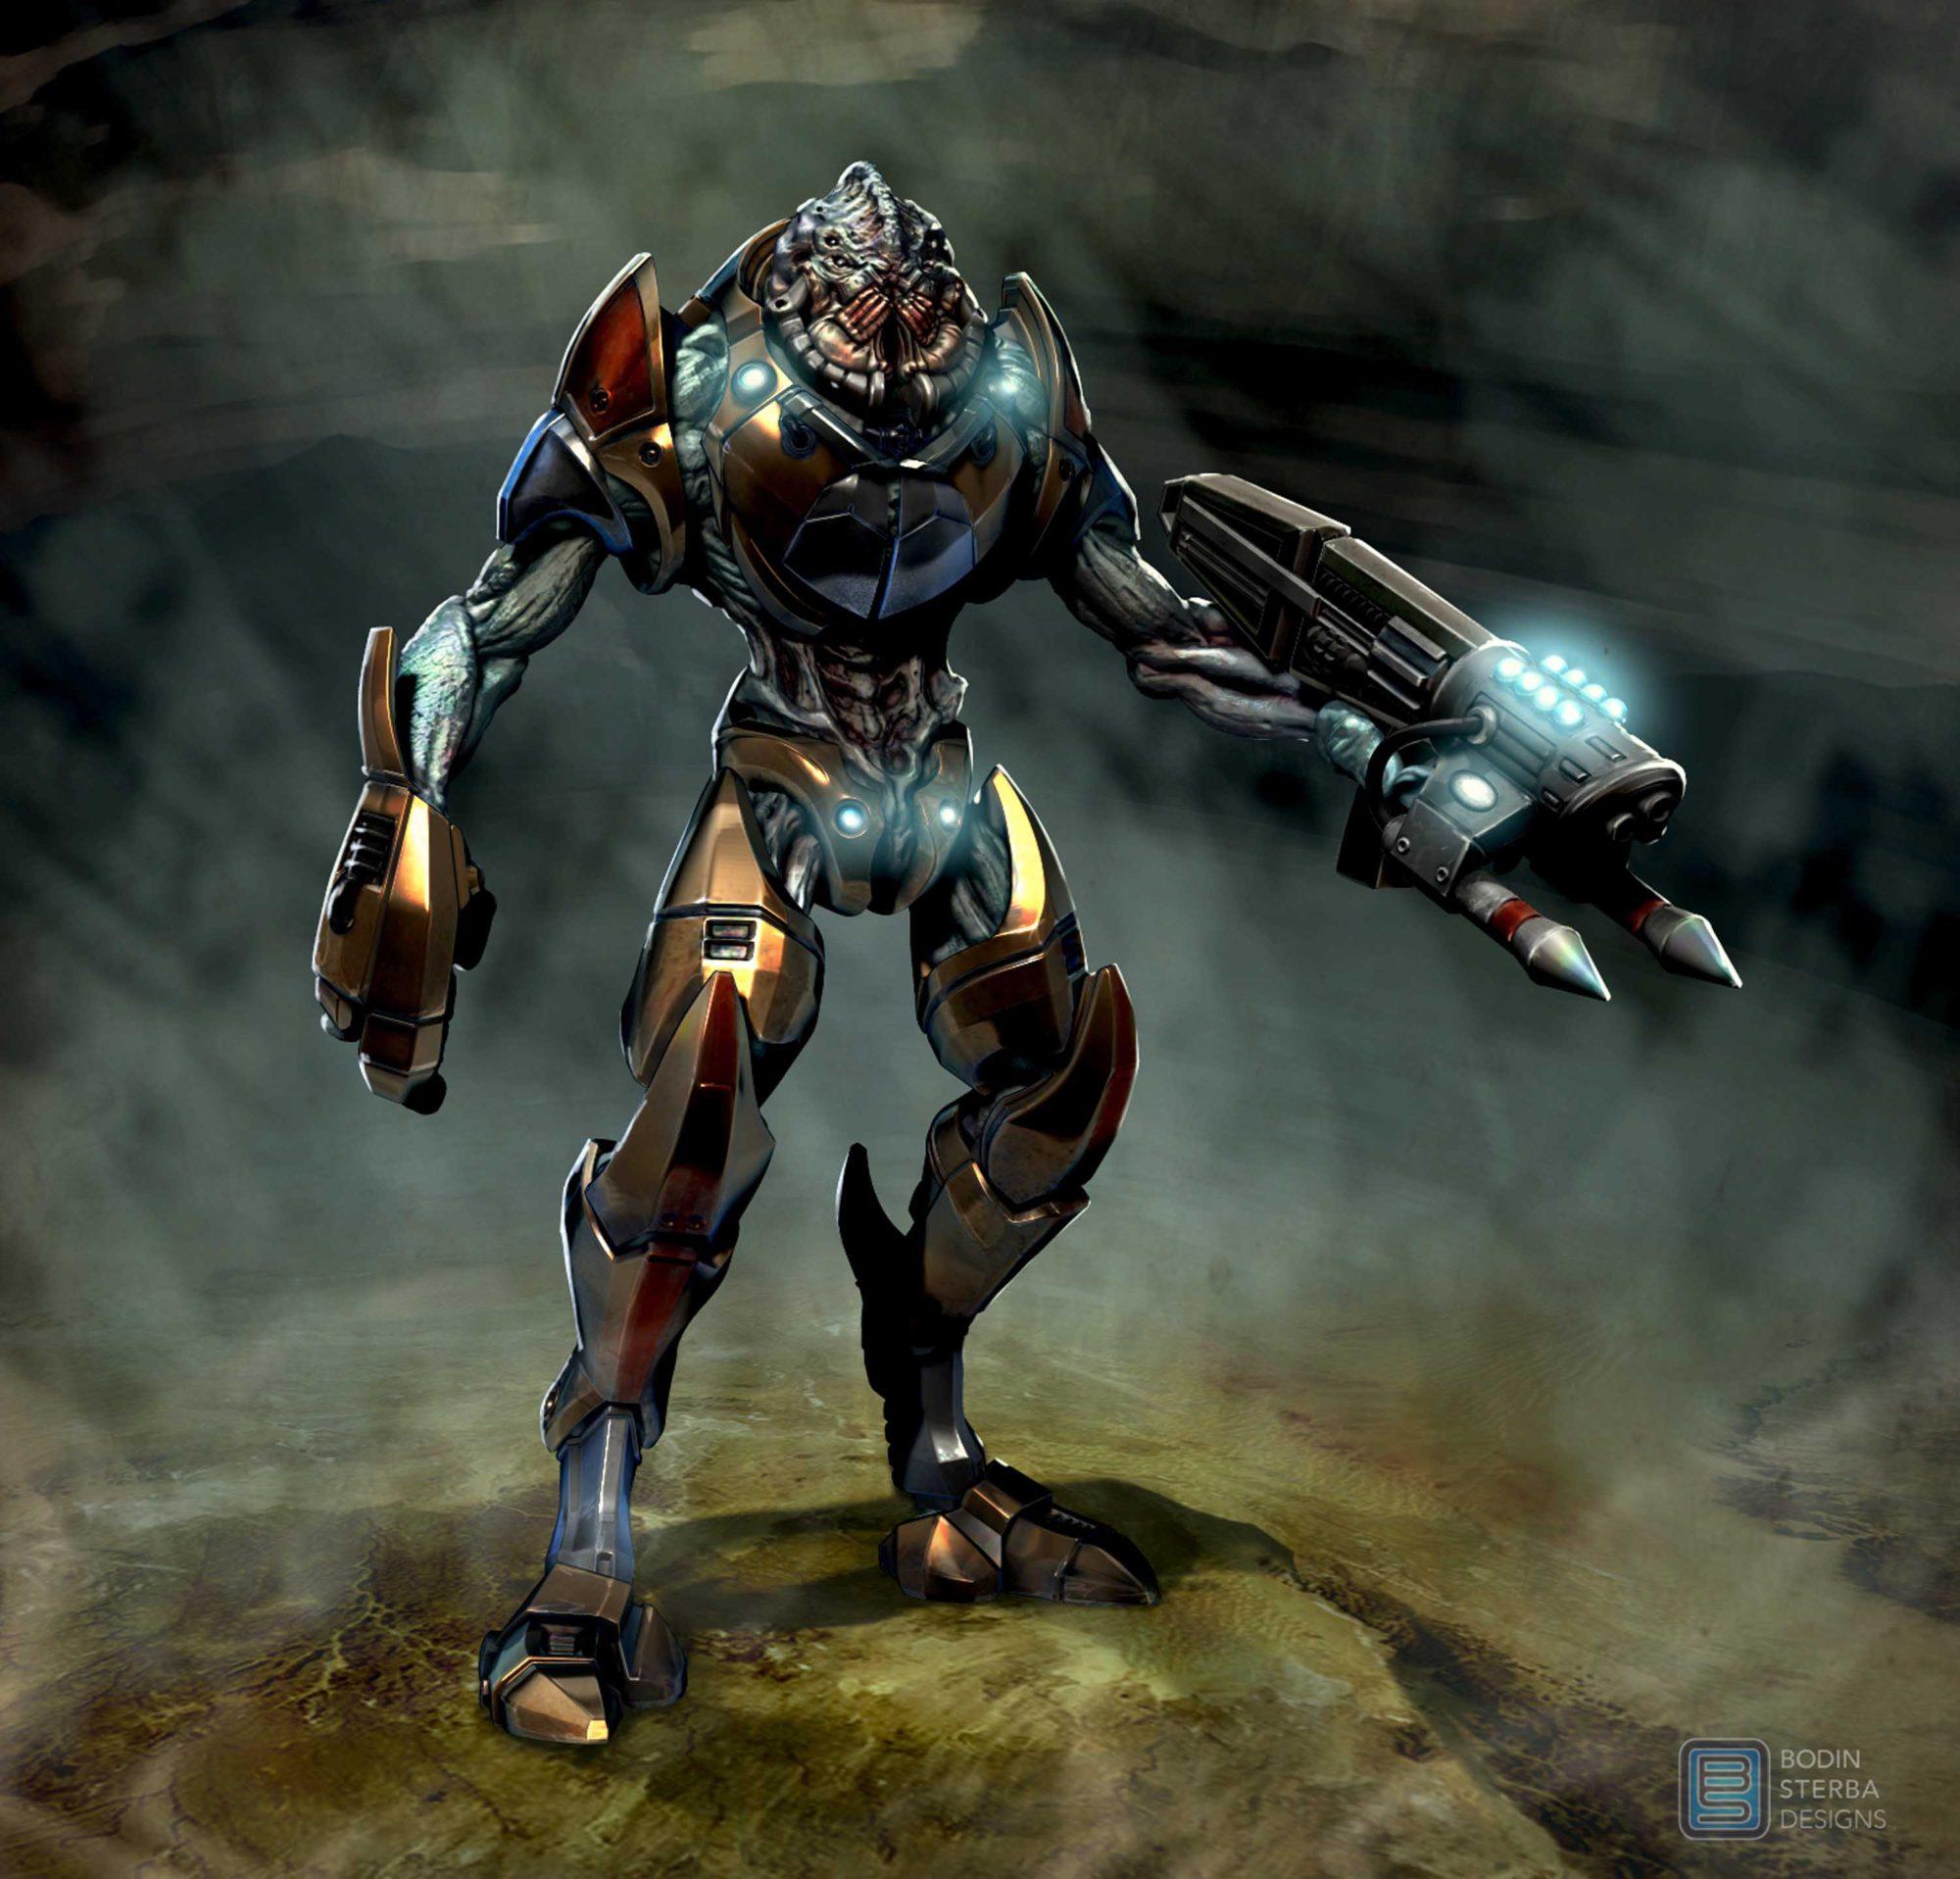 Alien soldier concept- front view.